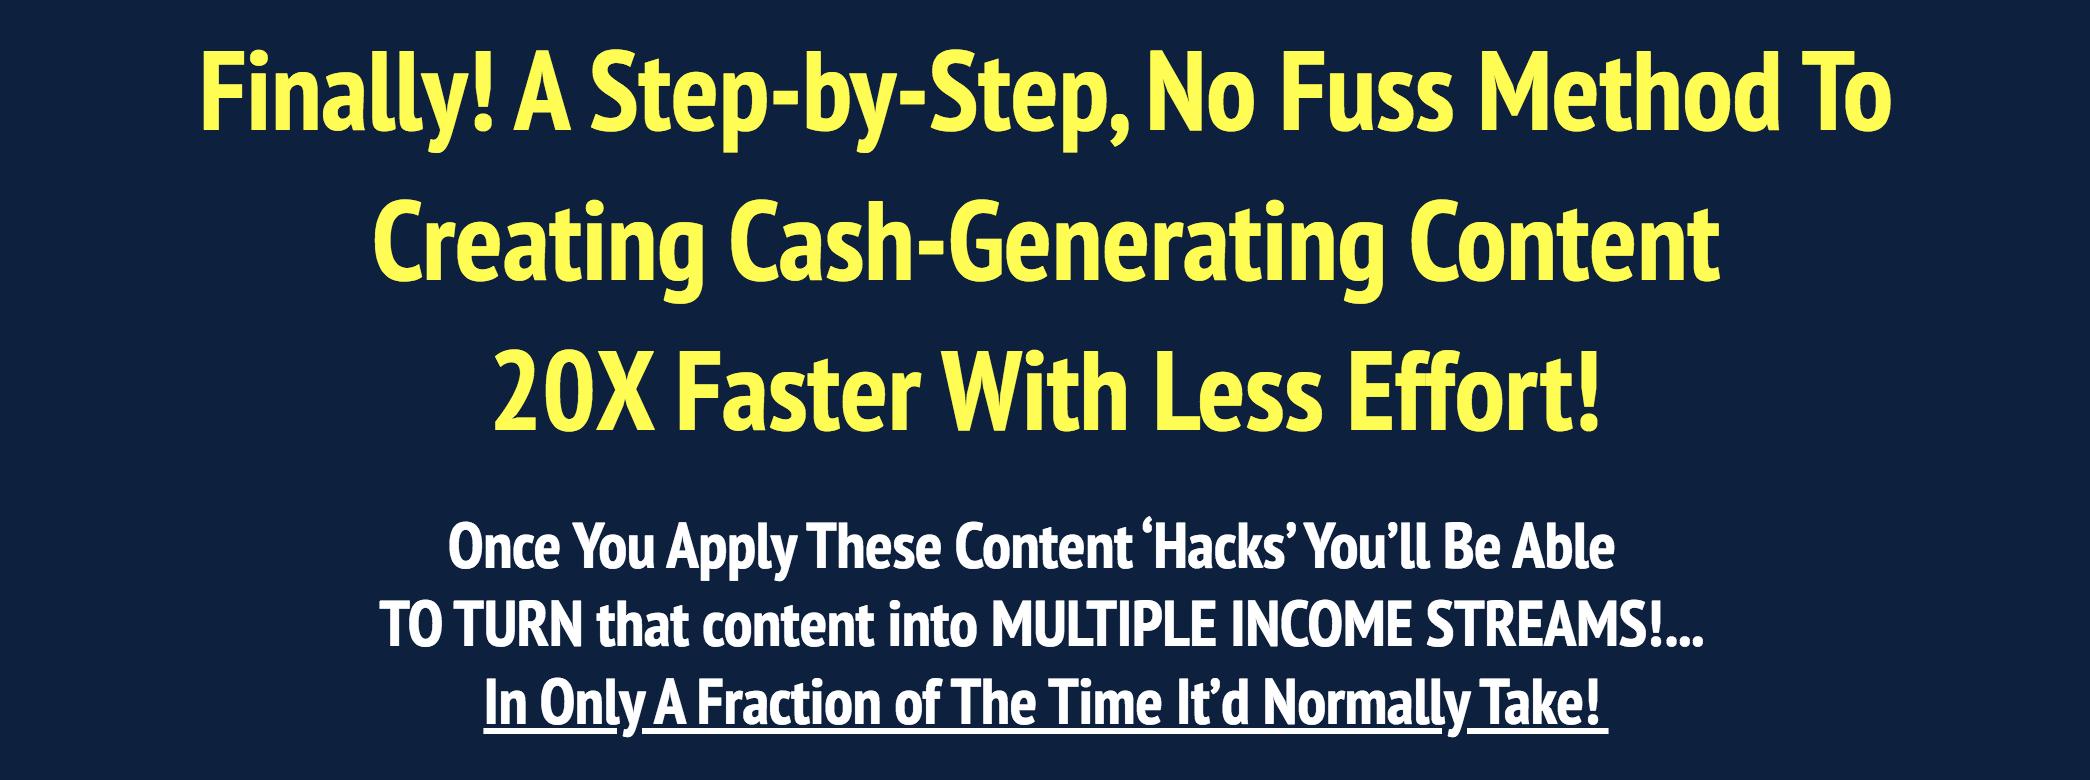 amy content profit hacks review